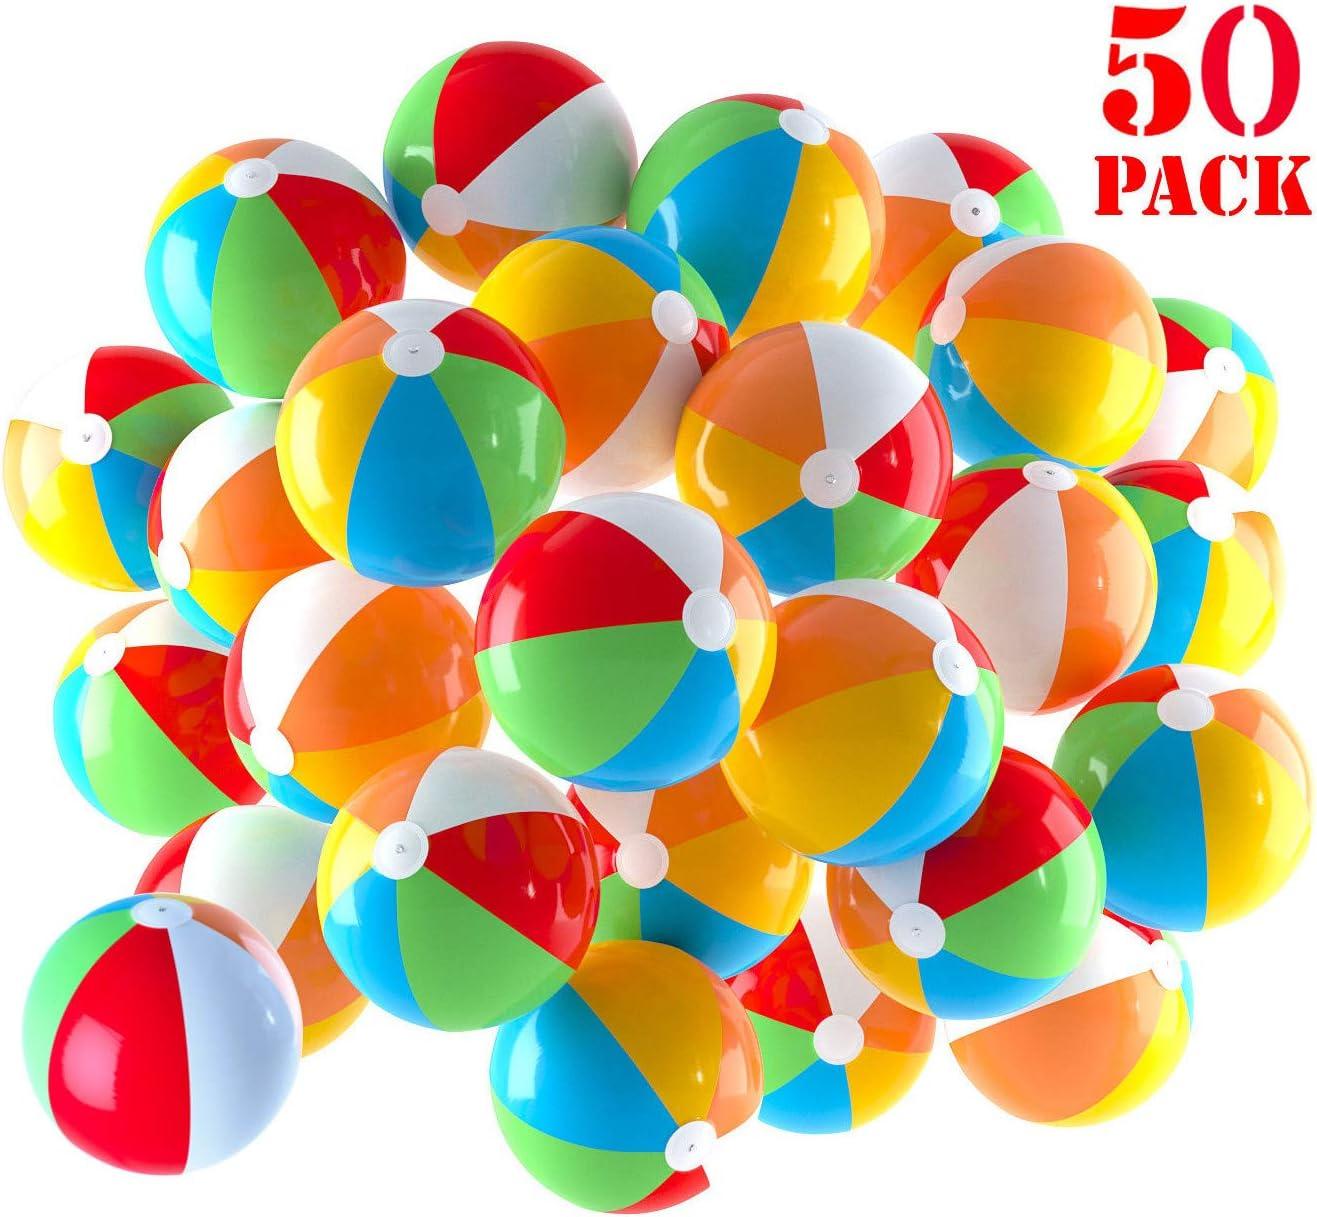 Pelotas de playa inflables de 5 pulgadas para la piscina, la playa, las fiestas de verano, los regalos y las decoraciones | Paquete de 50 Mini Blow up Bolas de Playa de Color Arcoiris (50 Bolas)